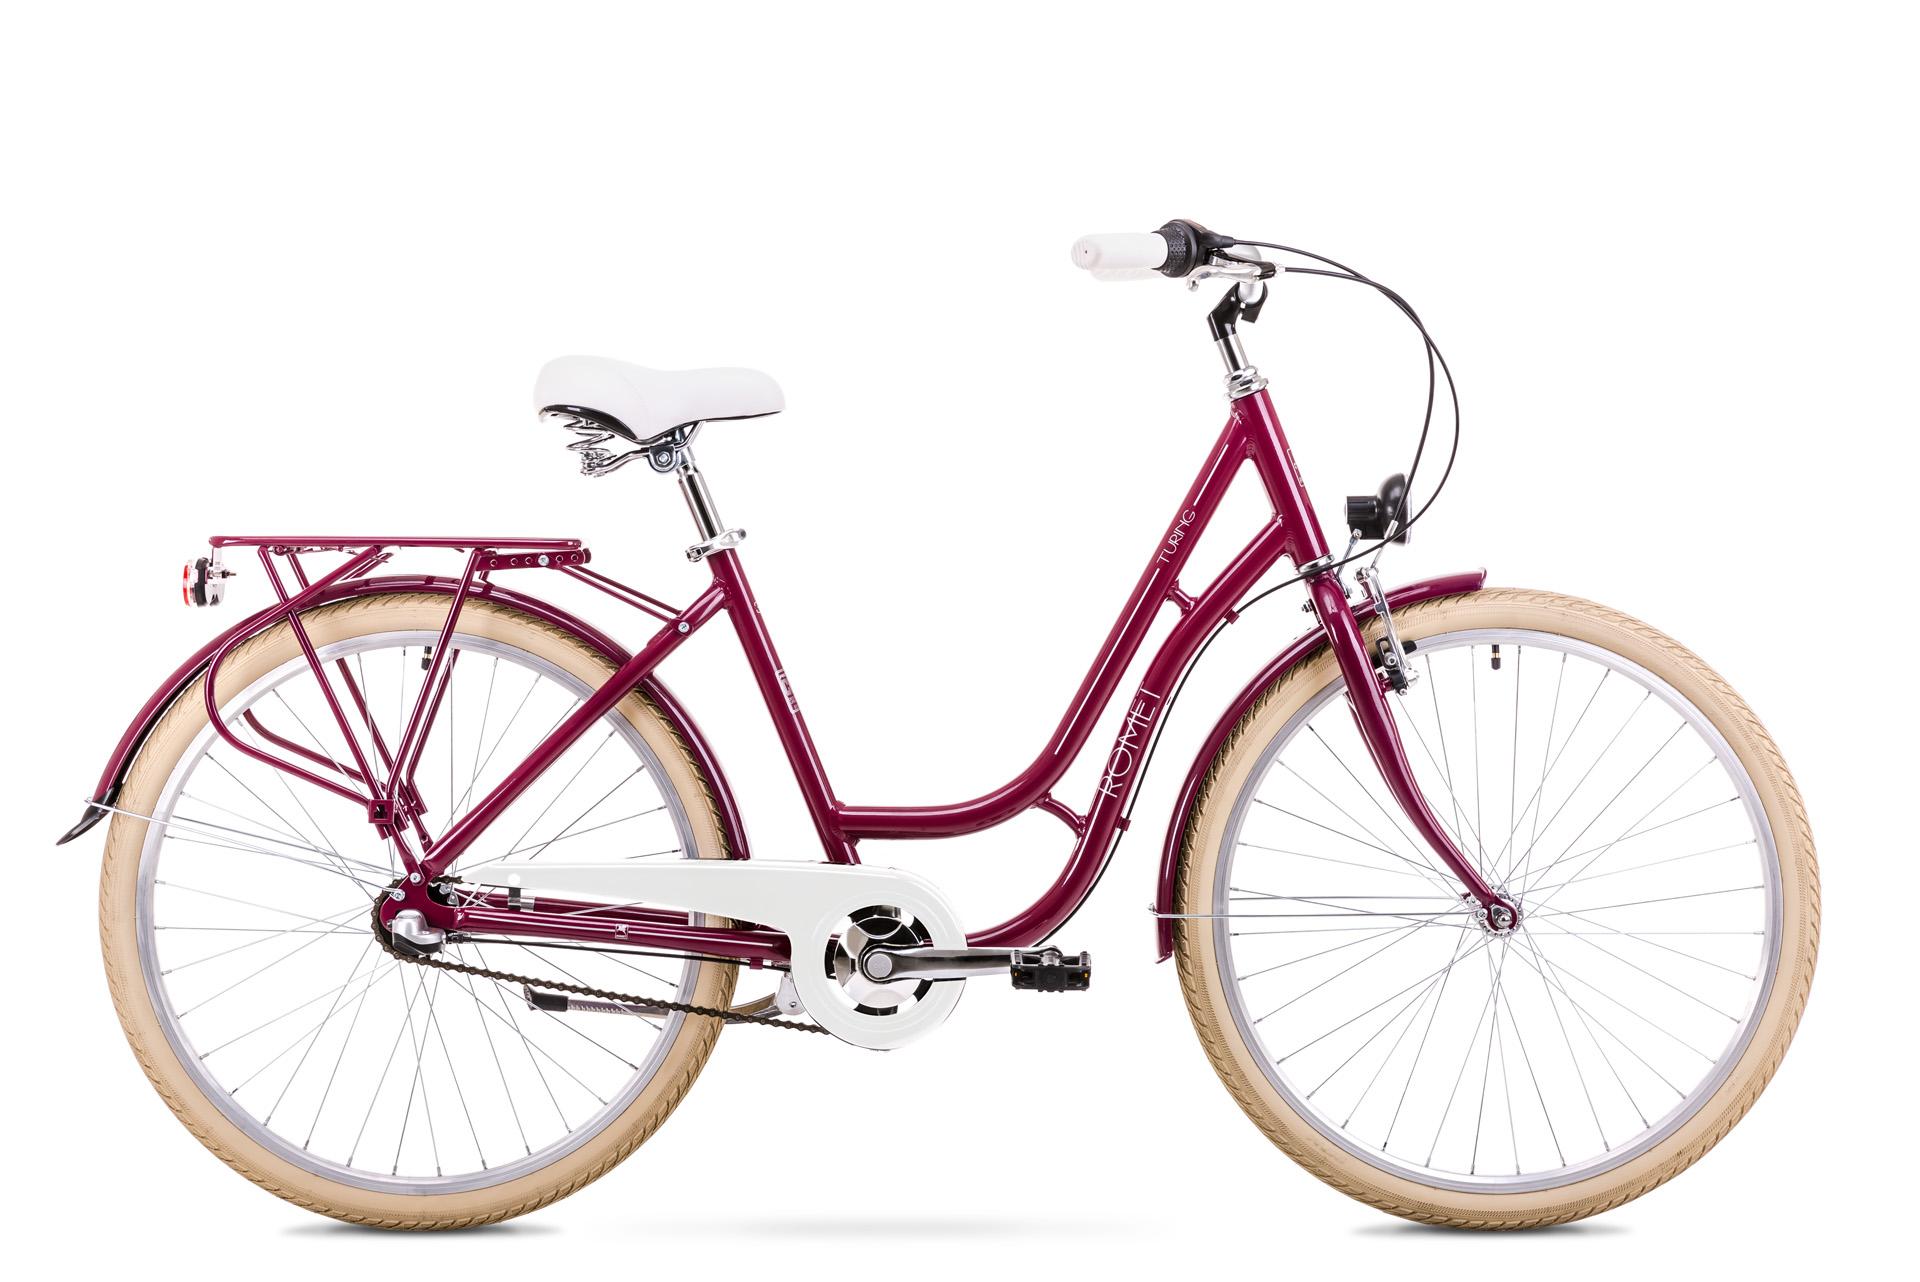 Bicicleta de oras pentru Femei Romet Turing 3S Visiniu 2019 imagine